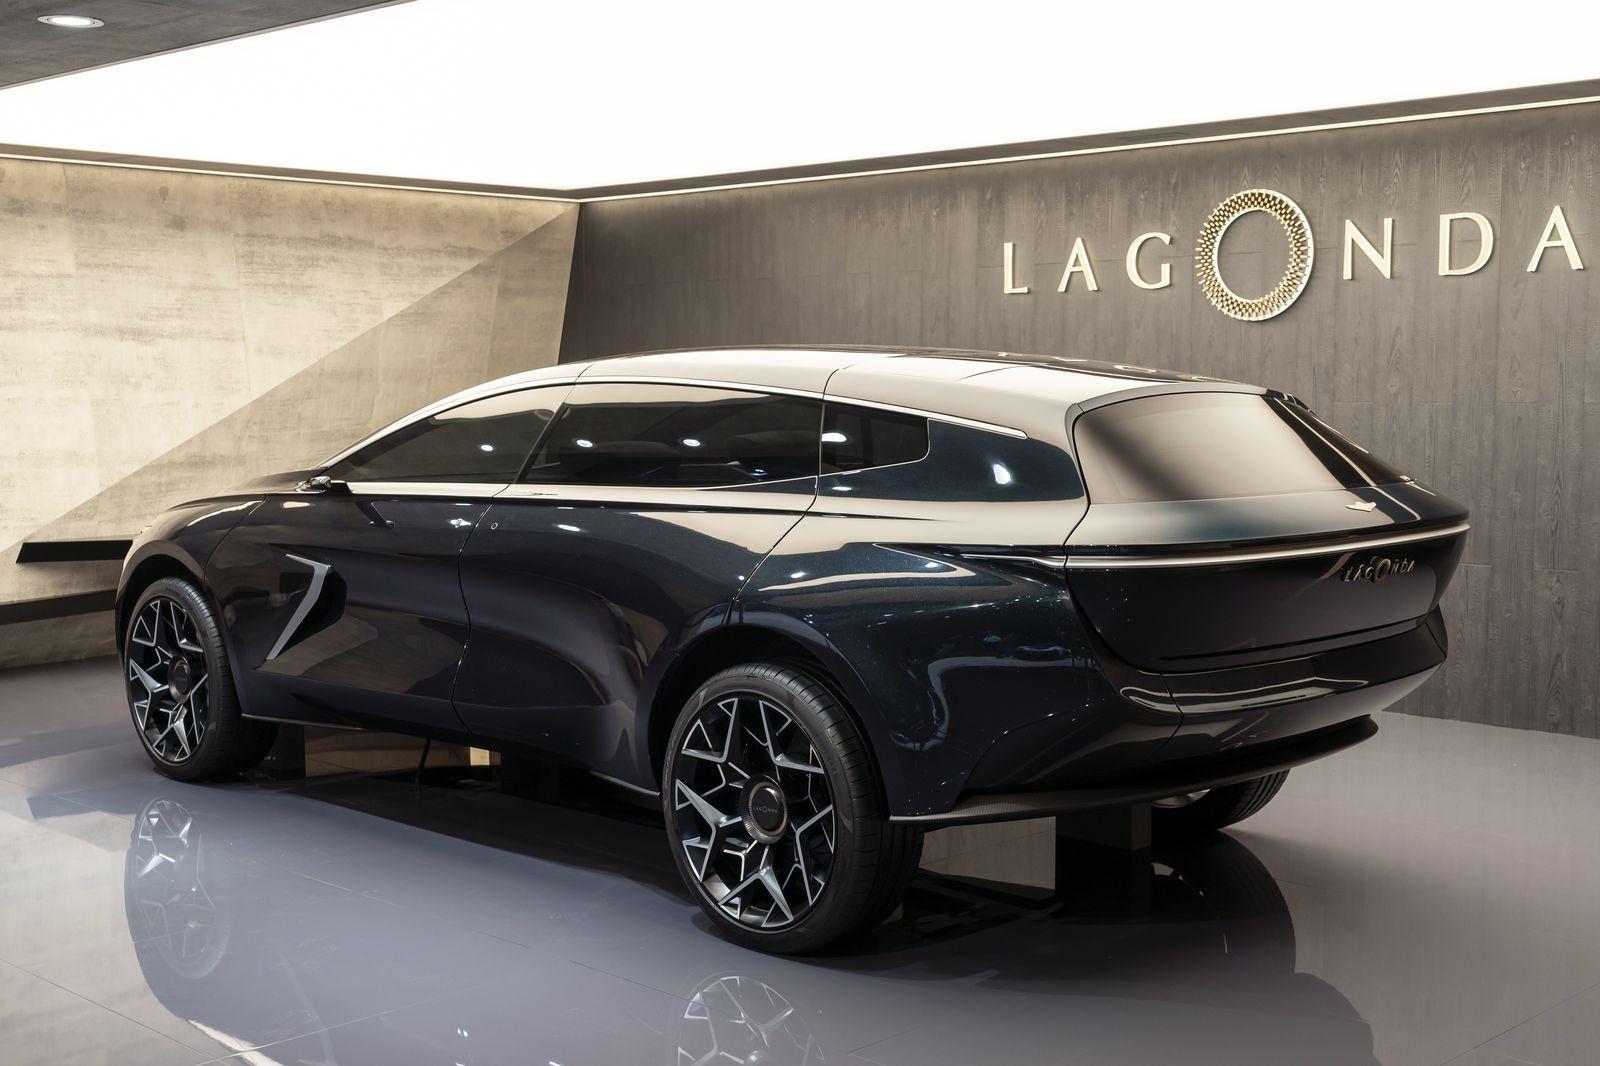 Lagonda_all_terrain_AutoRok_2019__12